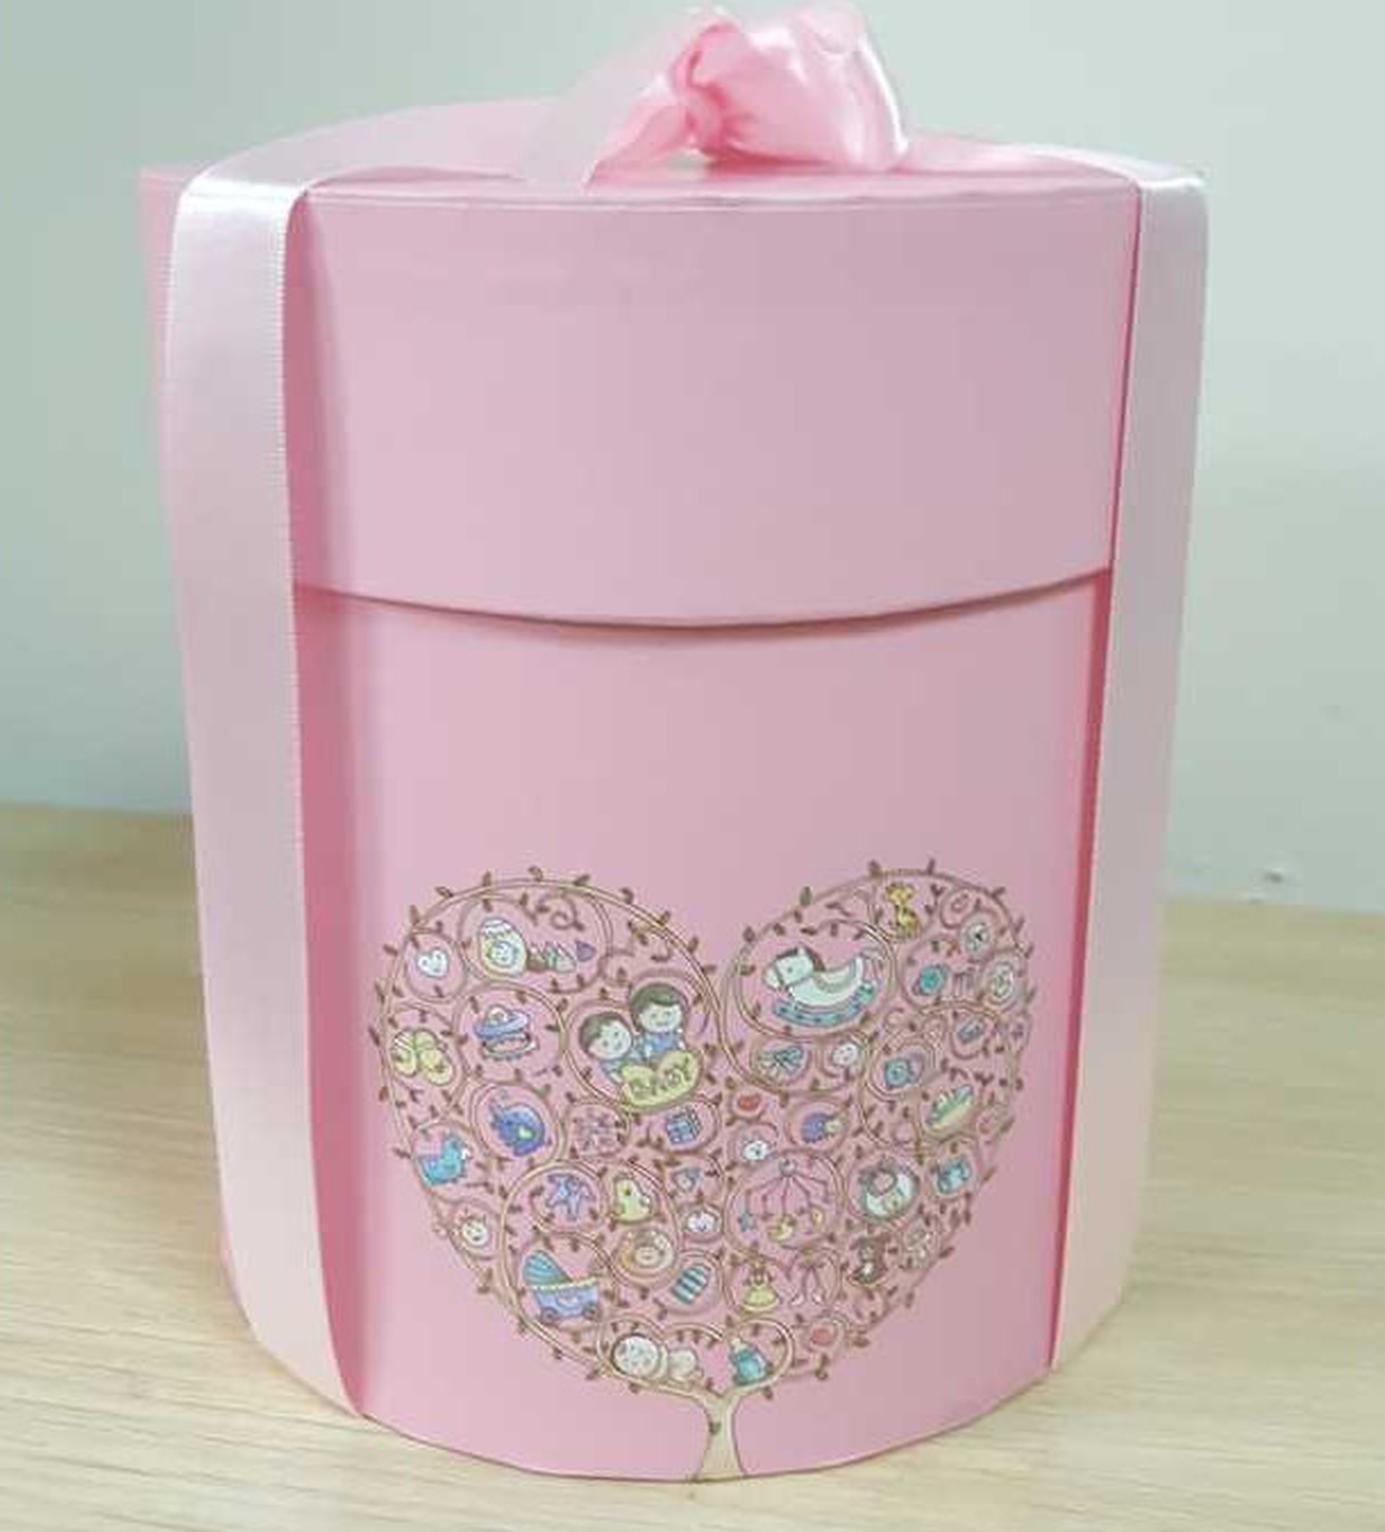 赵又廷送出礼盒蛋糕庆祝女儿满月